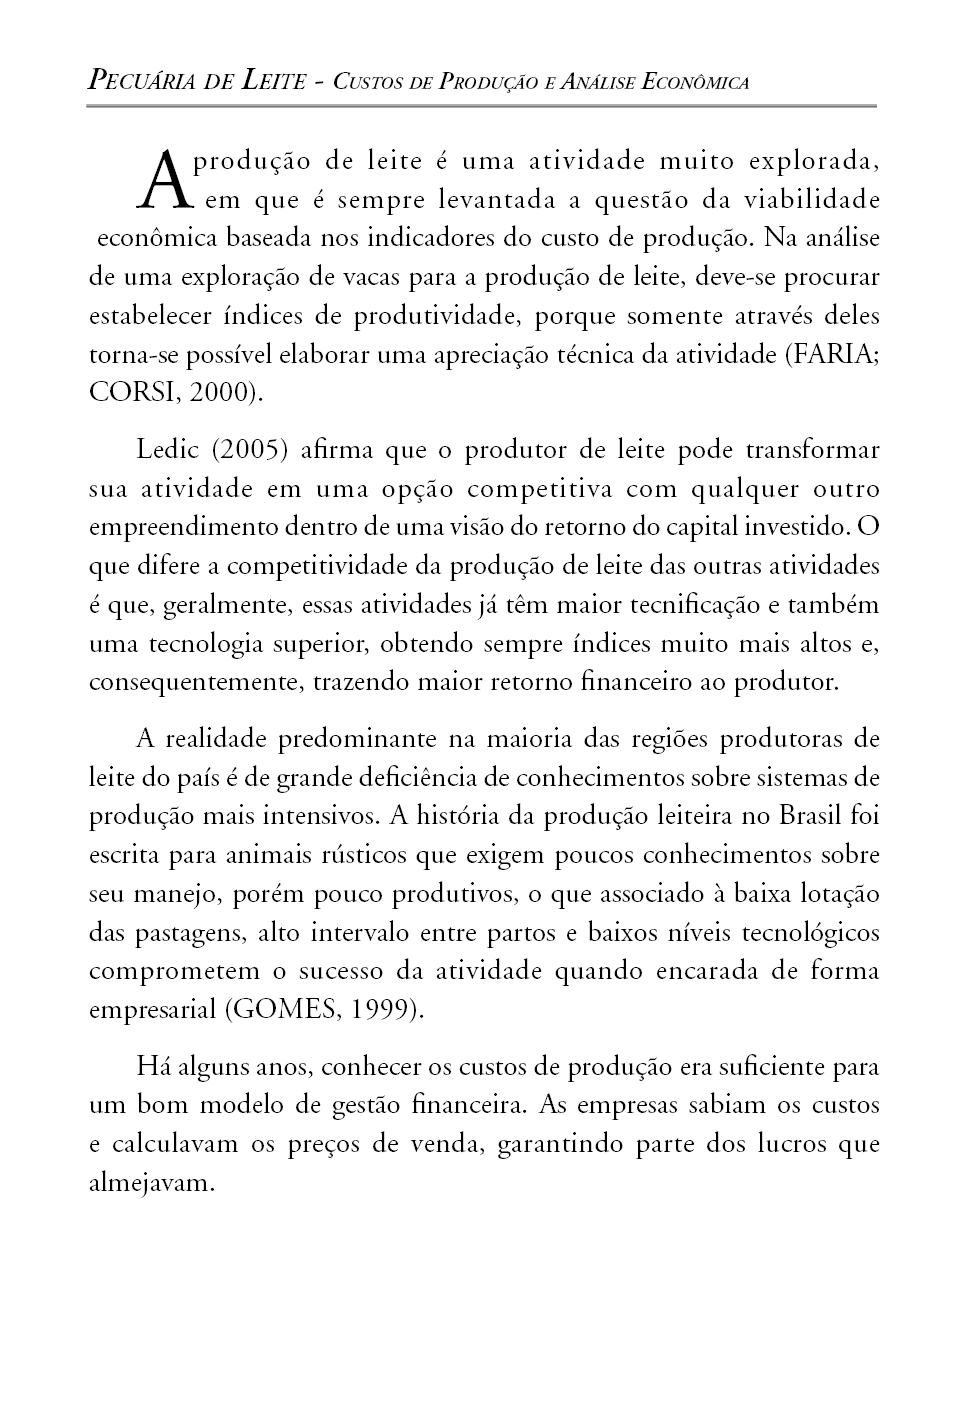 Pecuária de Leite - Custos de Produção e Análise Econômica